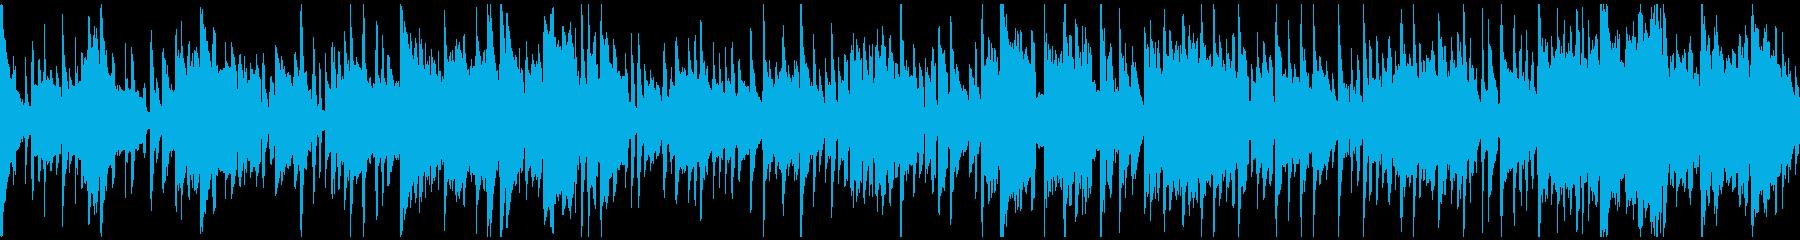 気だるいリコーダー脱力ブルース※ループ版の再生済みの波形